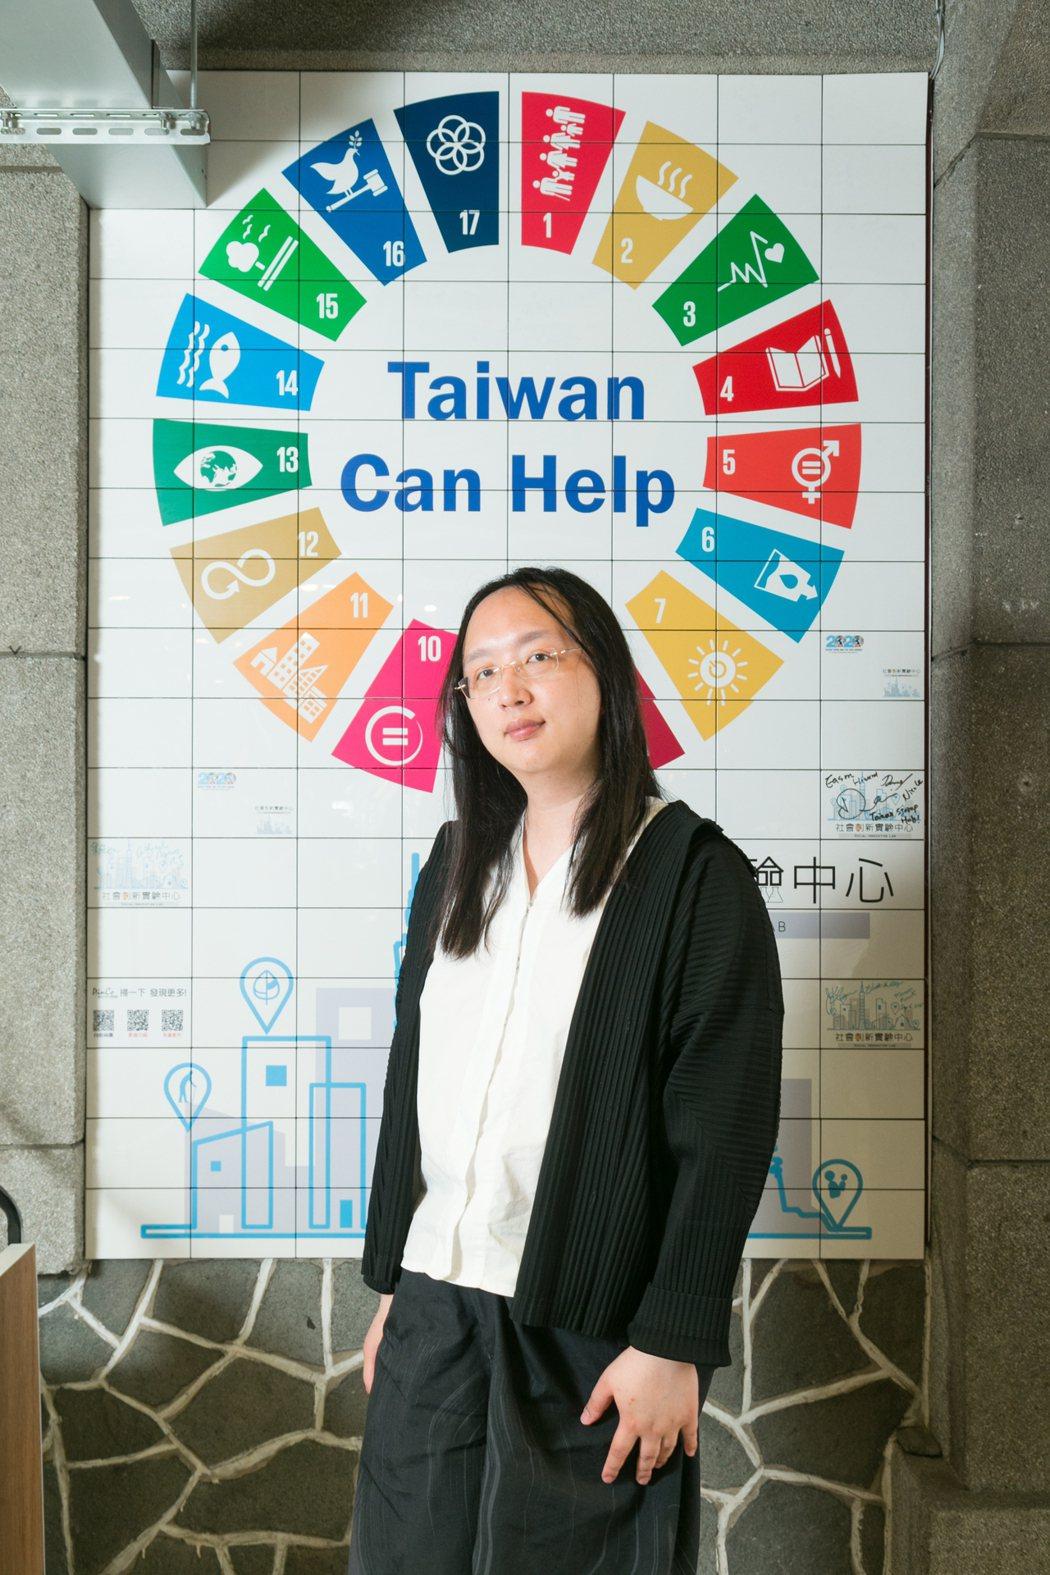 唐鳳投入數位外交,期望提高台灣的國際參與度。記者陳立凱/攝影